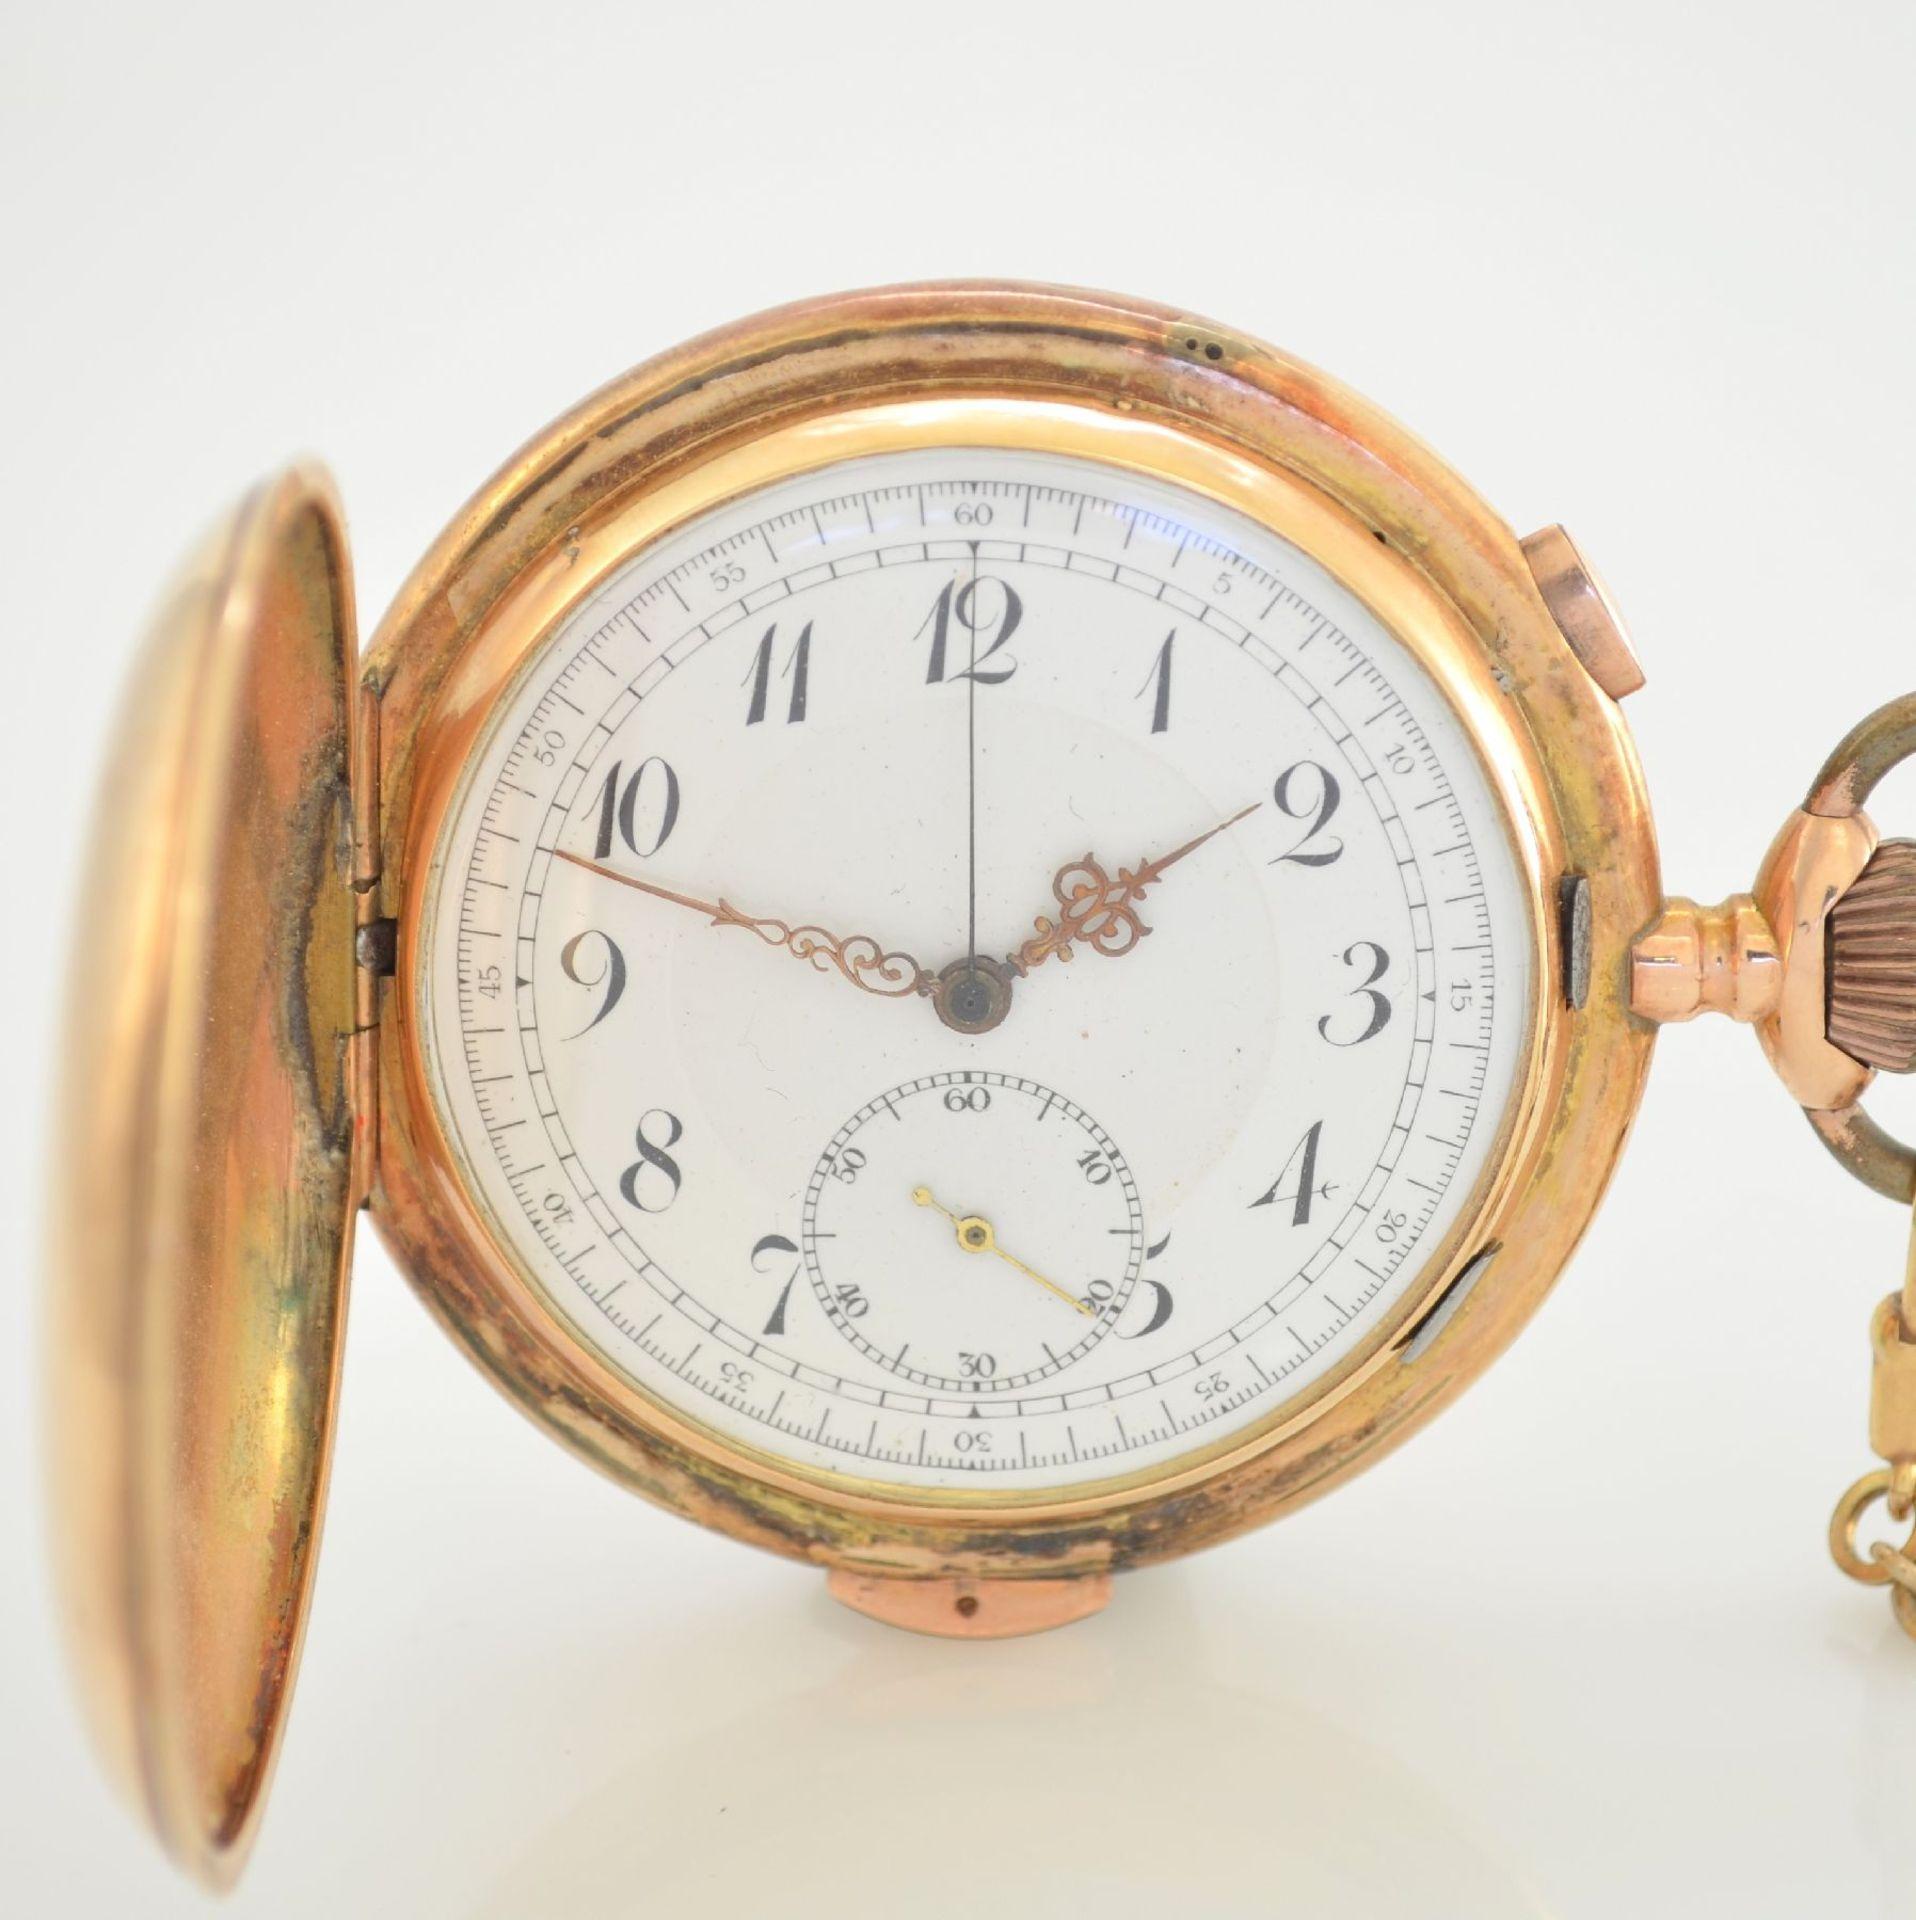 Savonette Herrentaschenuhr in RoseG 585/000 mit 1/4 Stunden Repetition und Chronograph, Schweiz um - Bild 2 aus 9